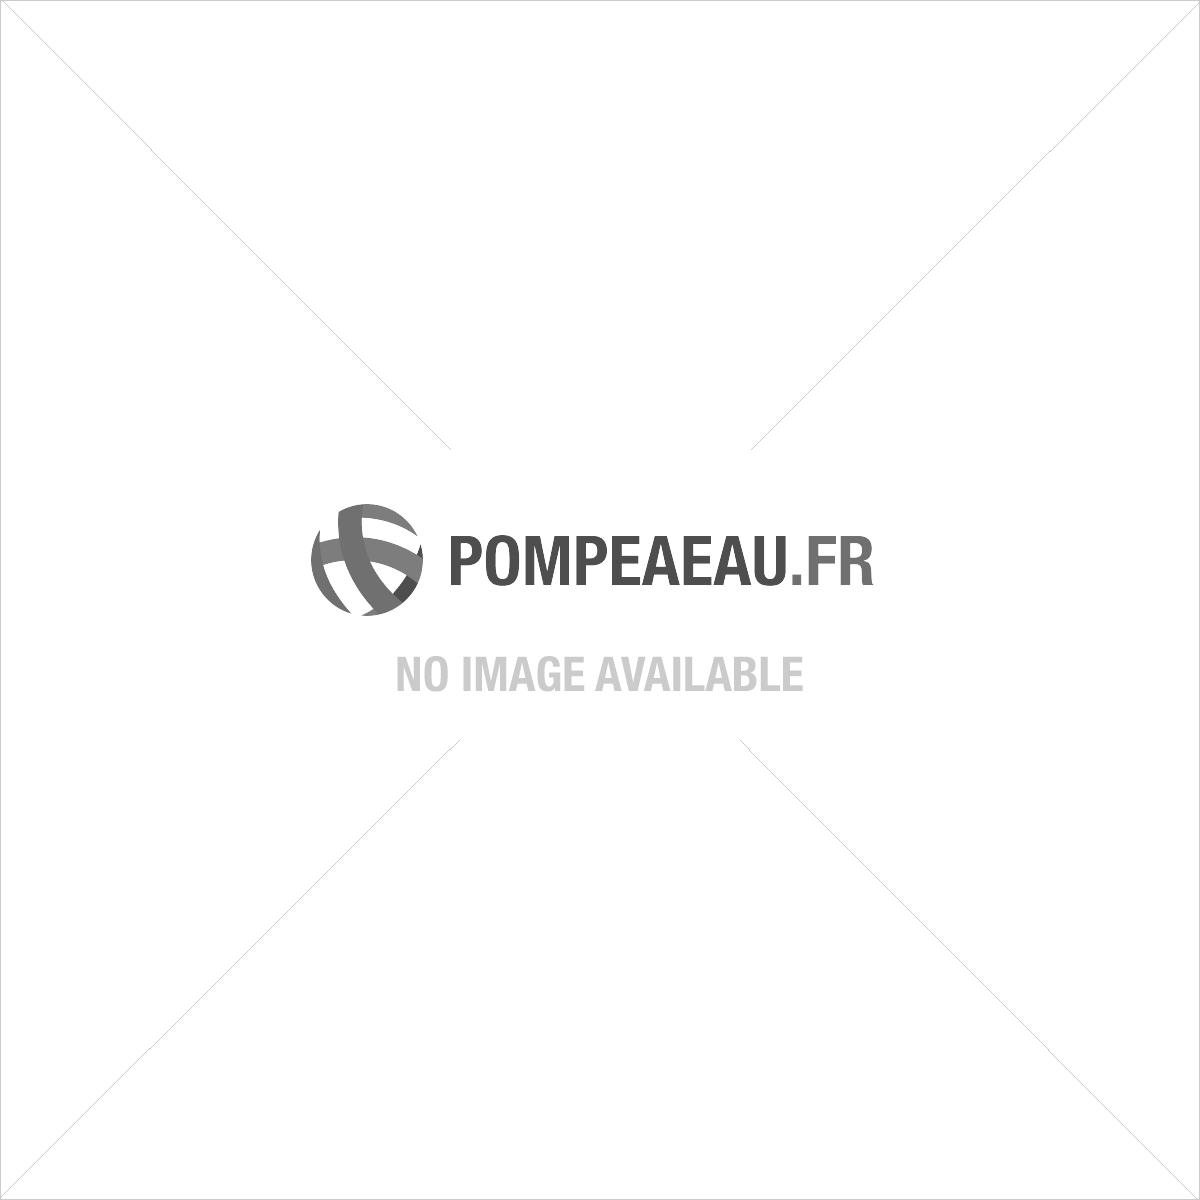 L'aspiration peut se faire directement dans un puits, un fossé, un étang, un canal, une rivière, une source d'eau souterraine ou toute autre source d'eau.